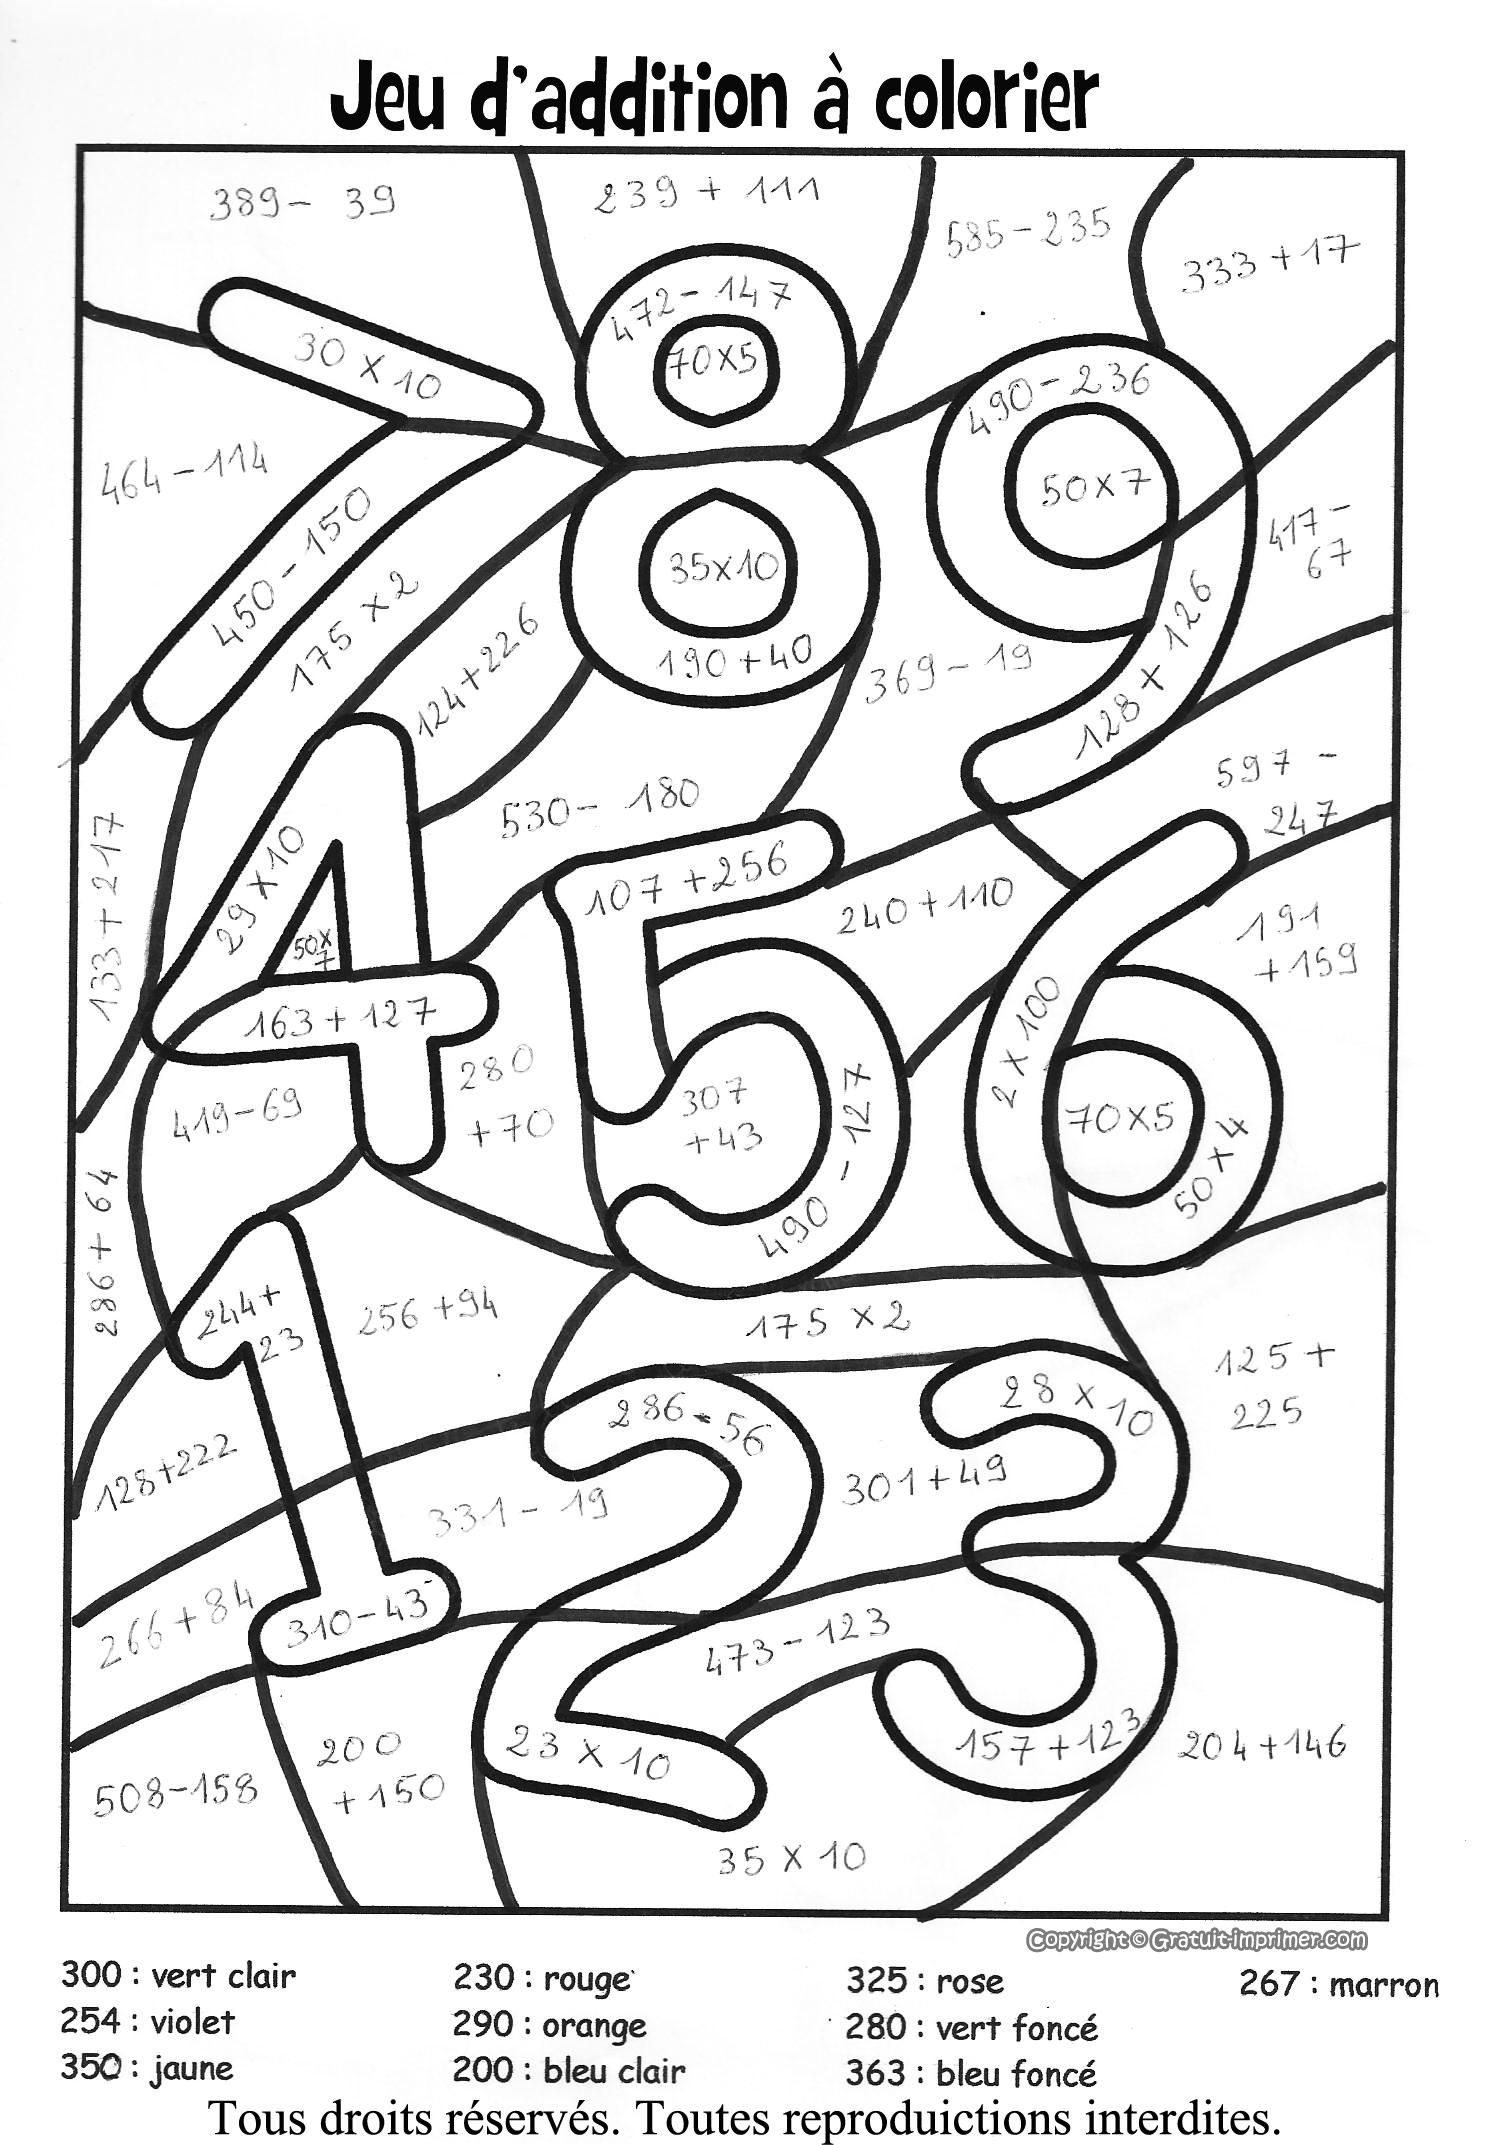 22 Dessins De Coloriage Magique Multiplication À Imprimer destiné Jeux De Coloriage Magique Cm1